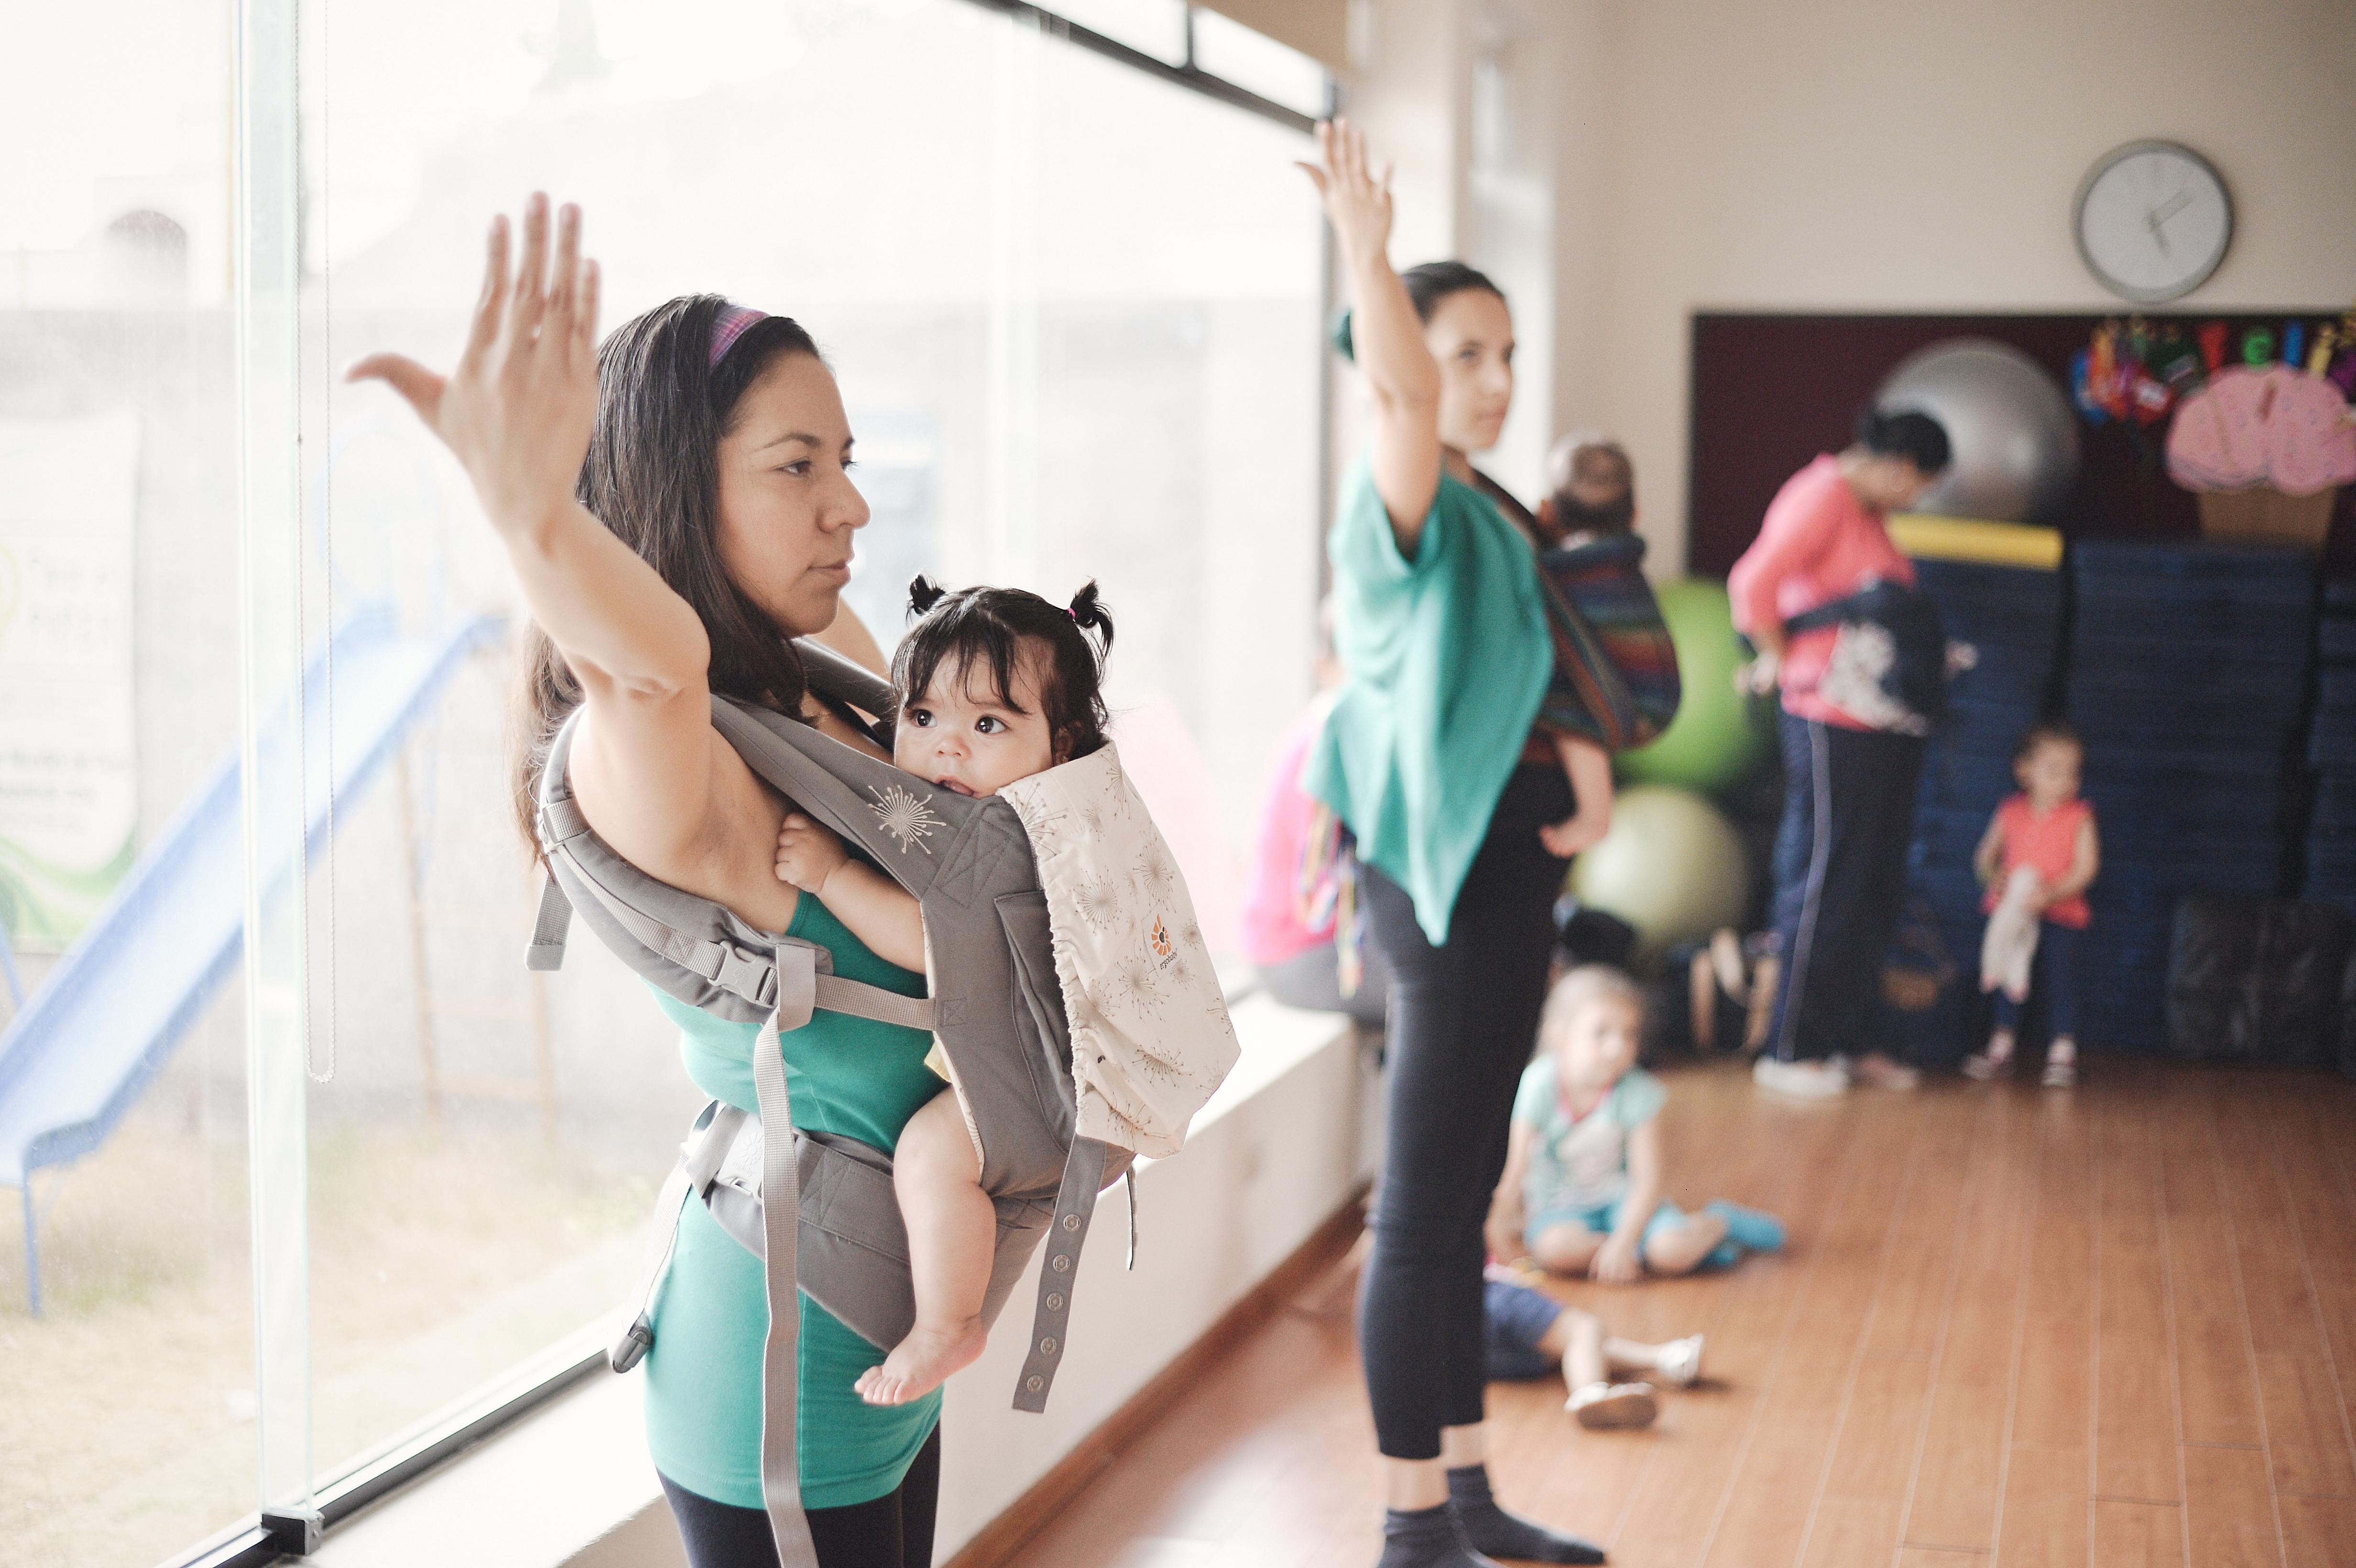 Danza con bebé